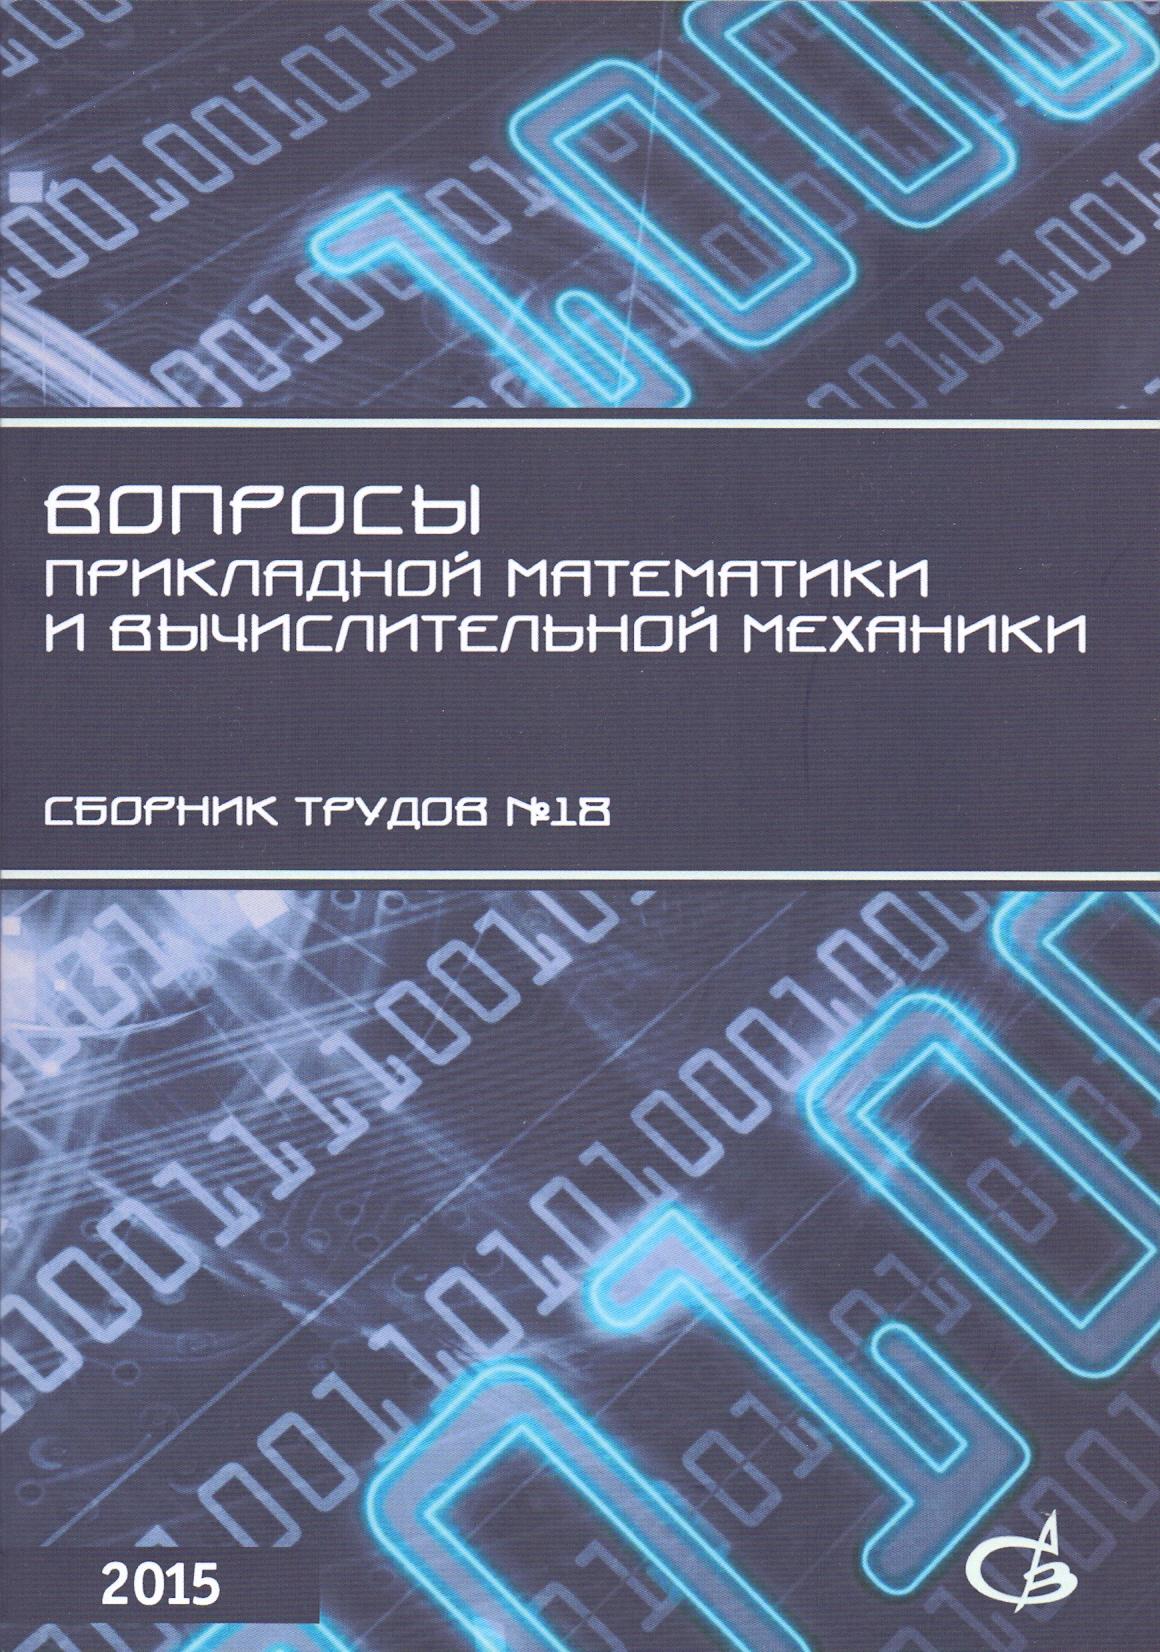 Вопросы прикладной математики и вычислительной механики: сборник научных трудов